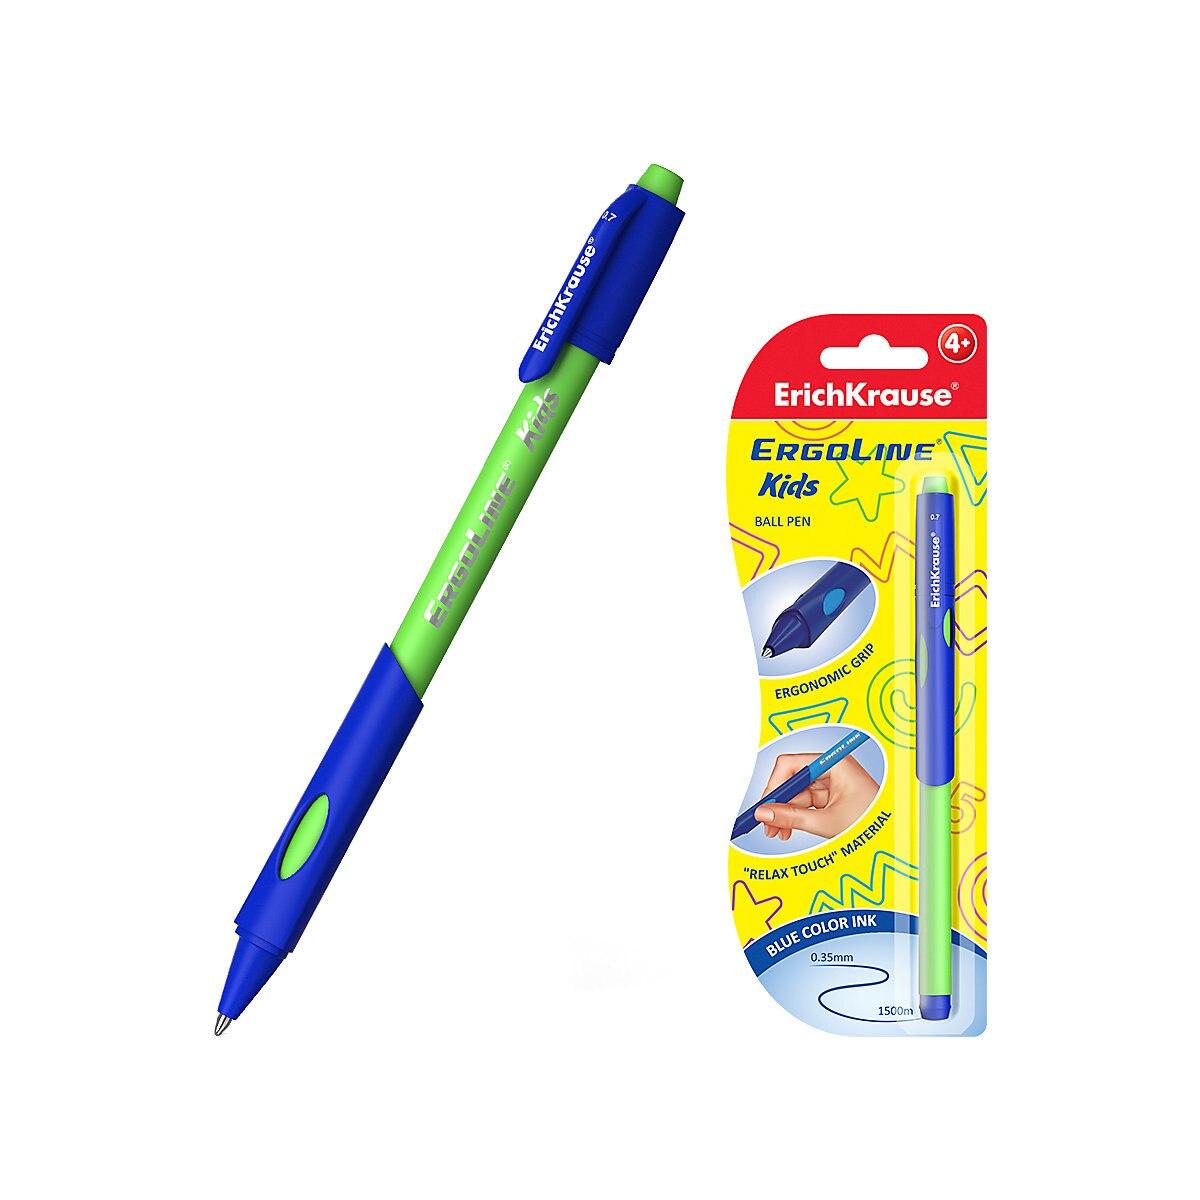 ERICHKRAUSE ручка захвата 11174089 ручки шариковые гелевые карандаши принадлежности для письма MTpromo